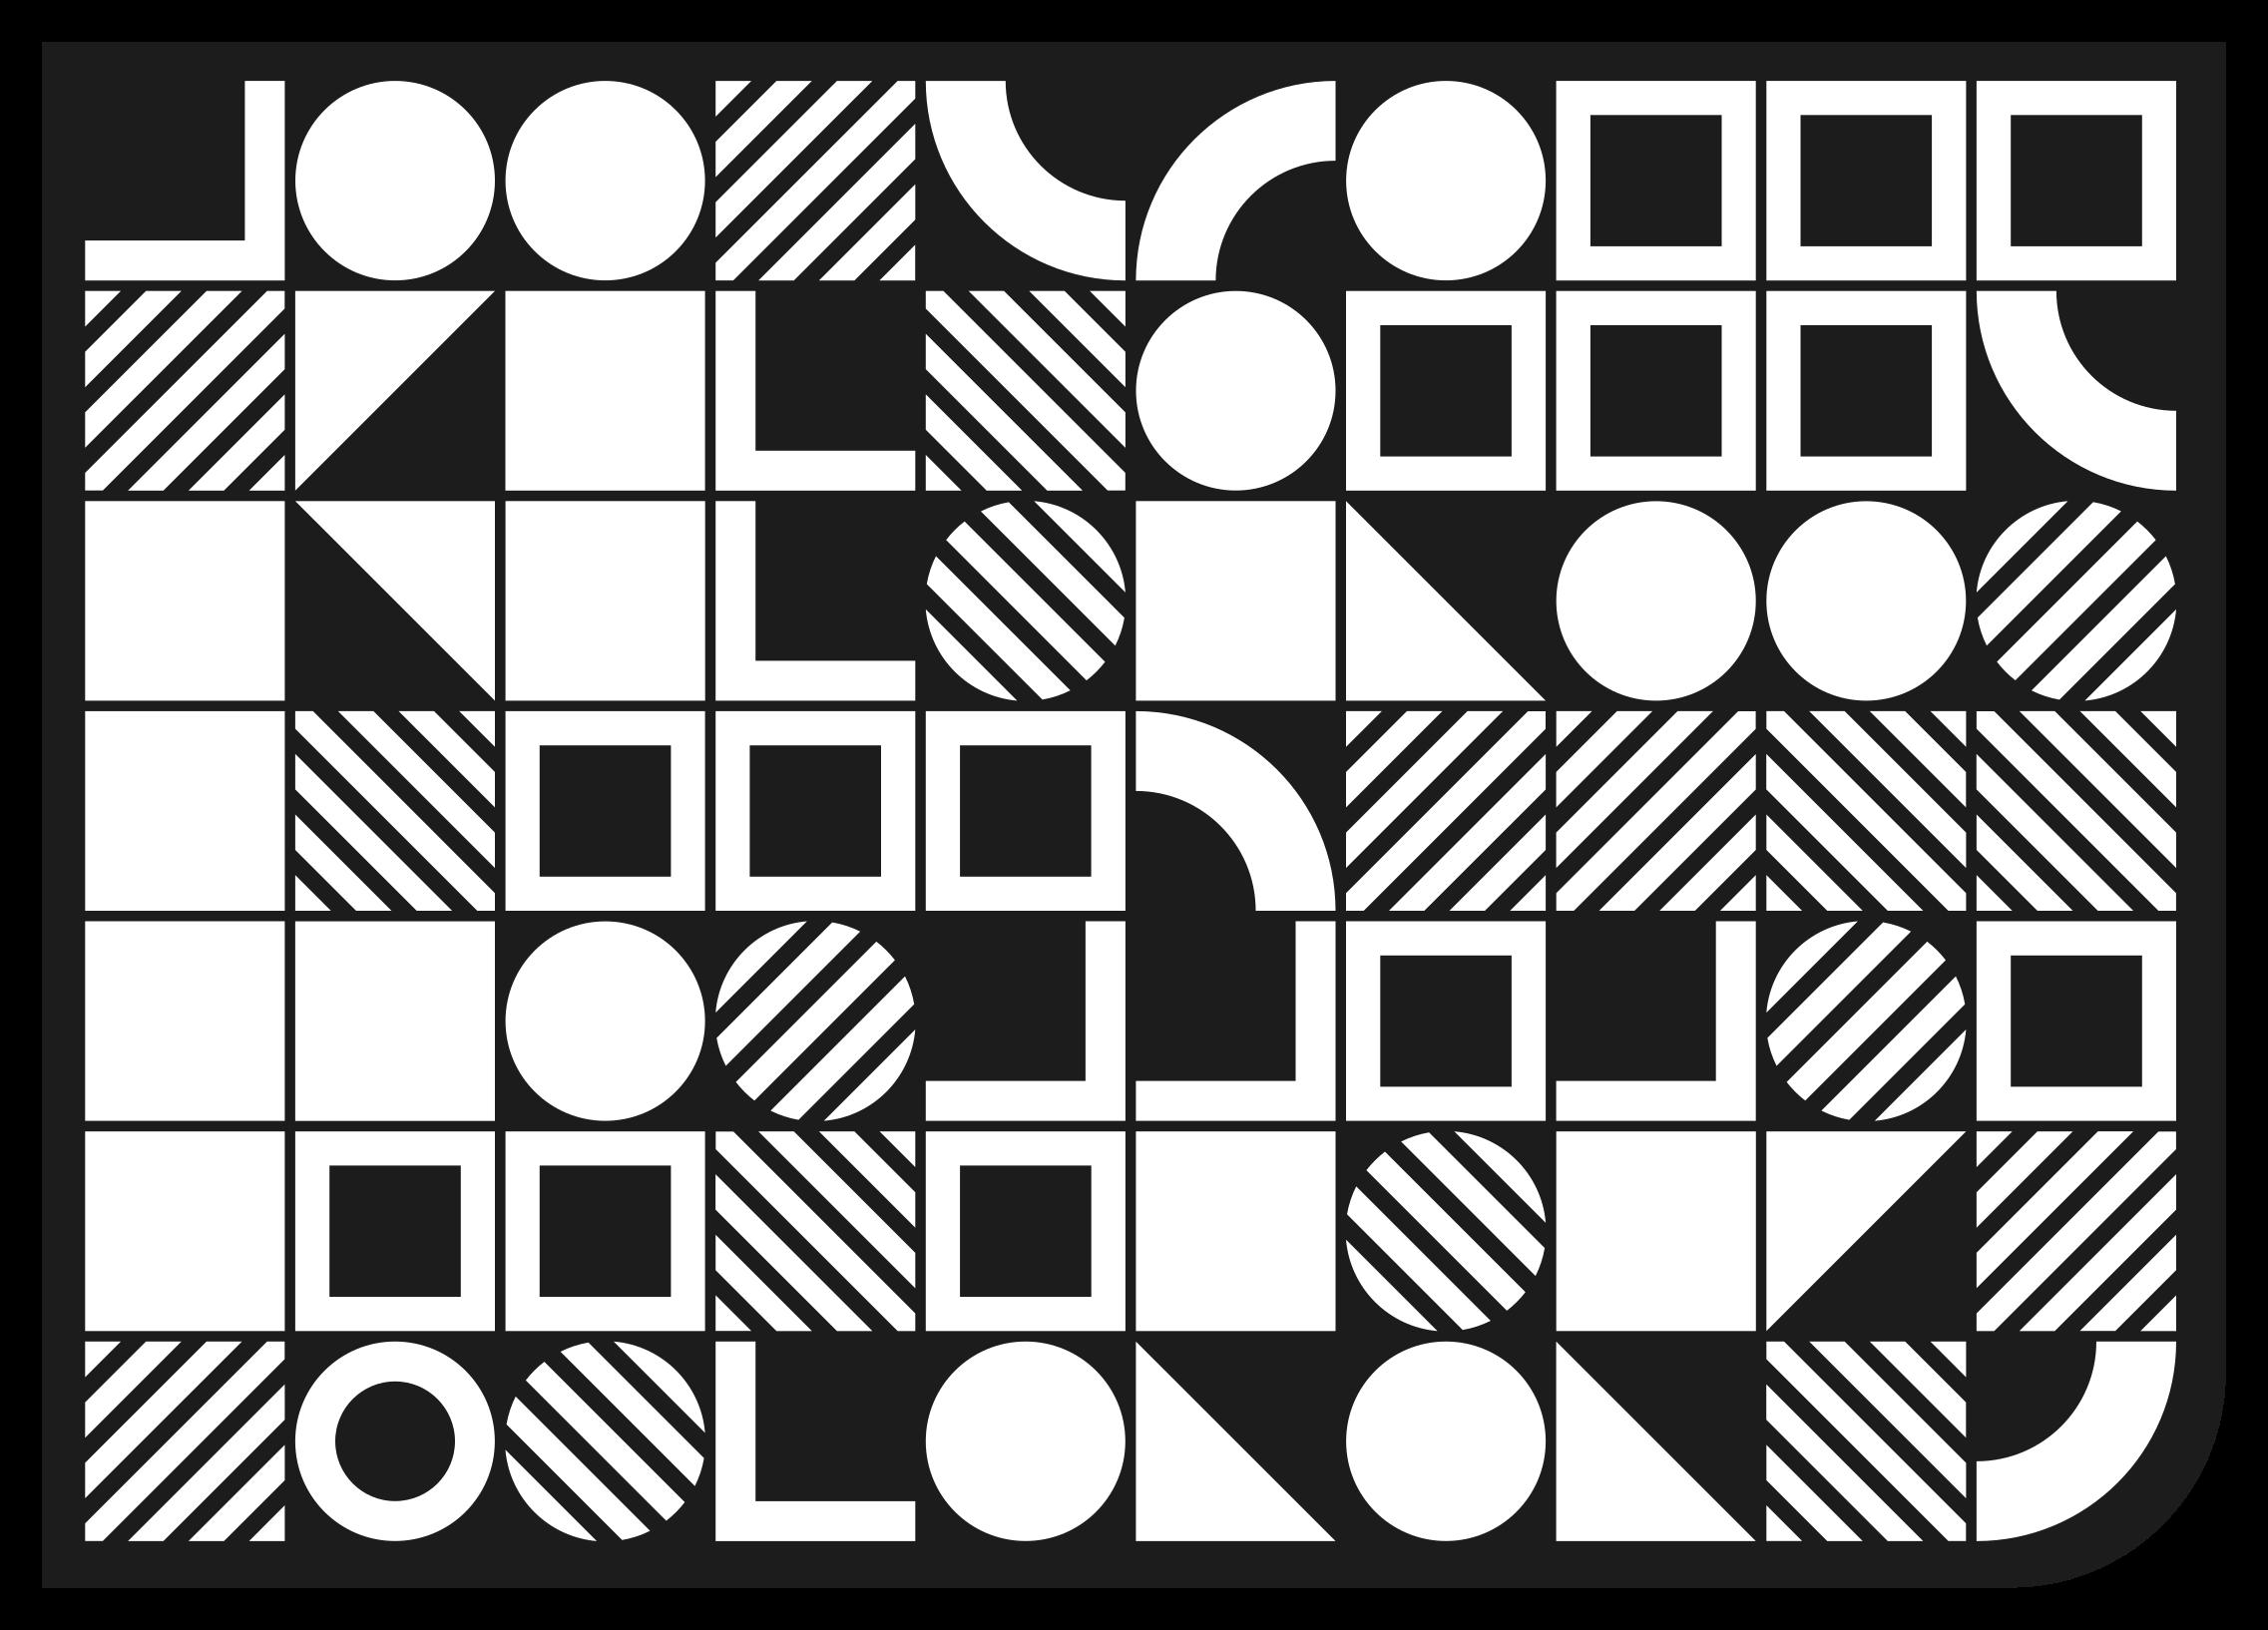 TenStickers. Tapetes contemporâneos de produtoabstrato. Este tapete com padrão abstrato ficará muito bem no chão da sua casa. Apresenta um belo produtoabstrato, tornando-o ótimo em qualquer casa